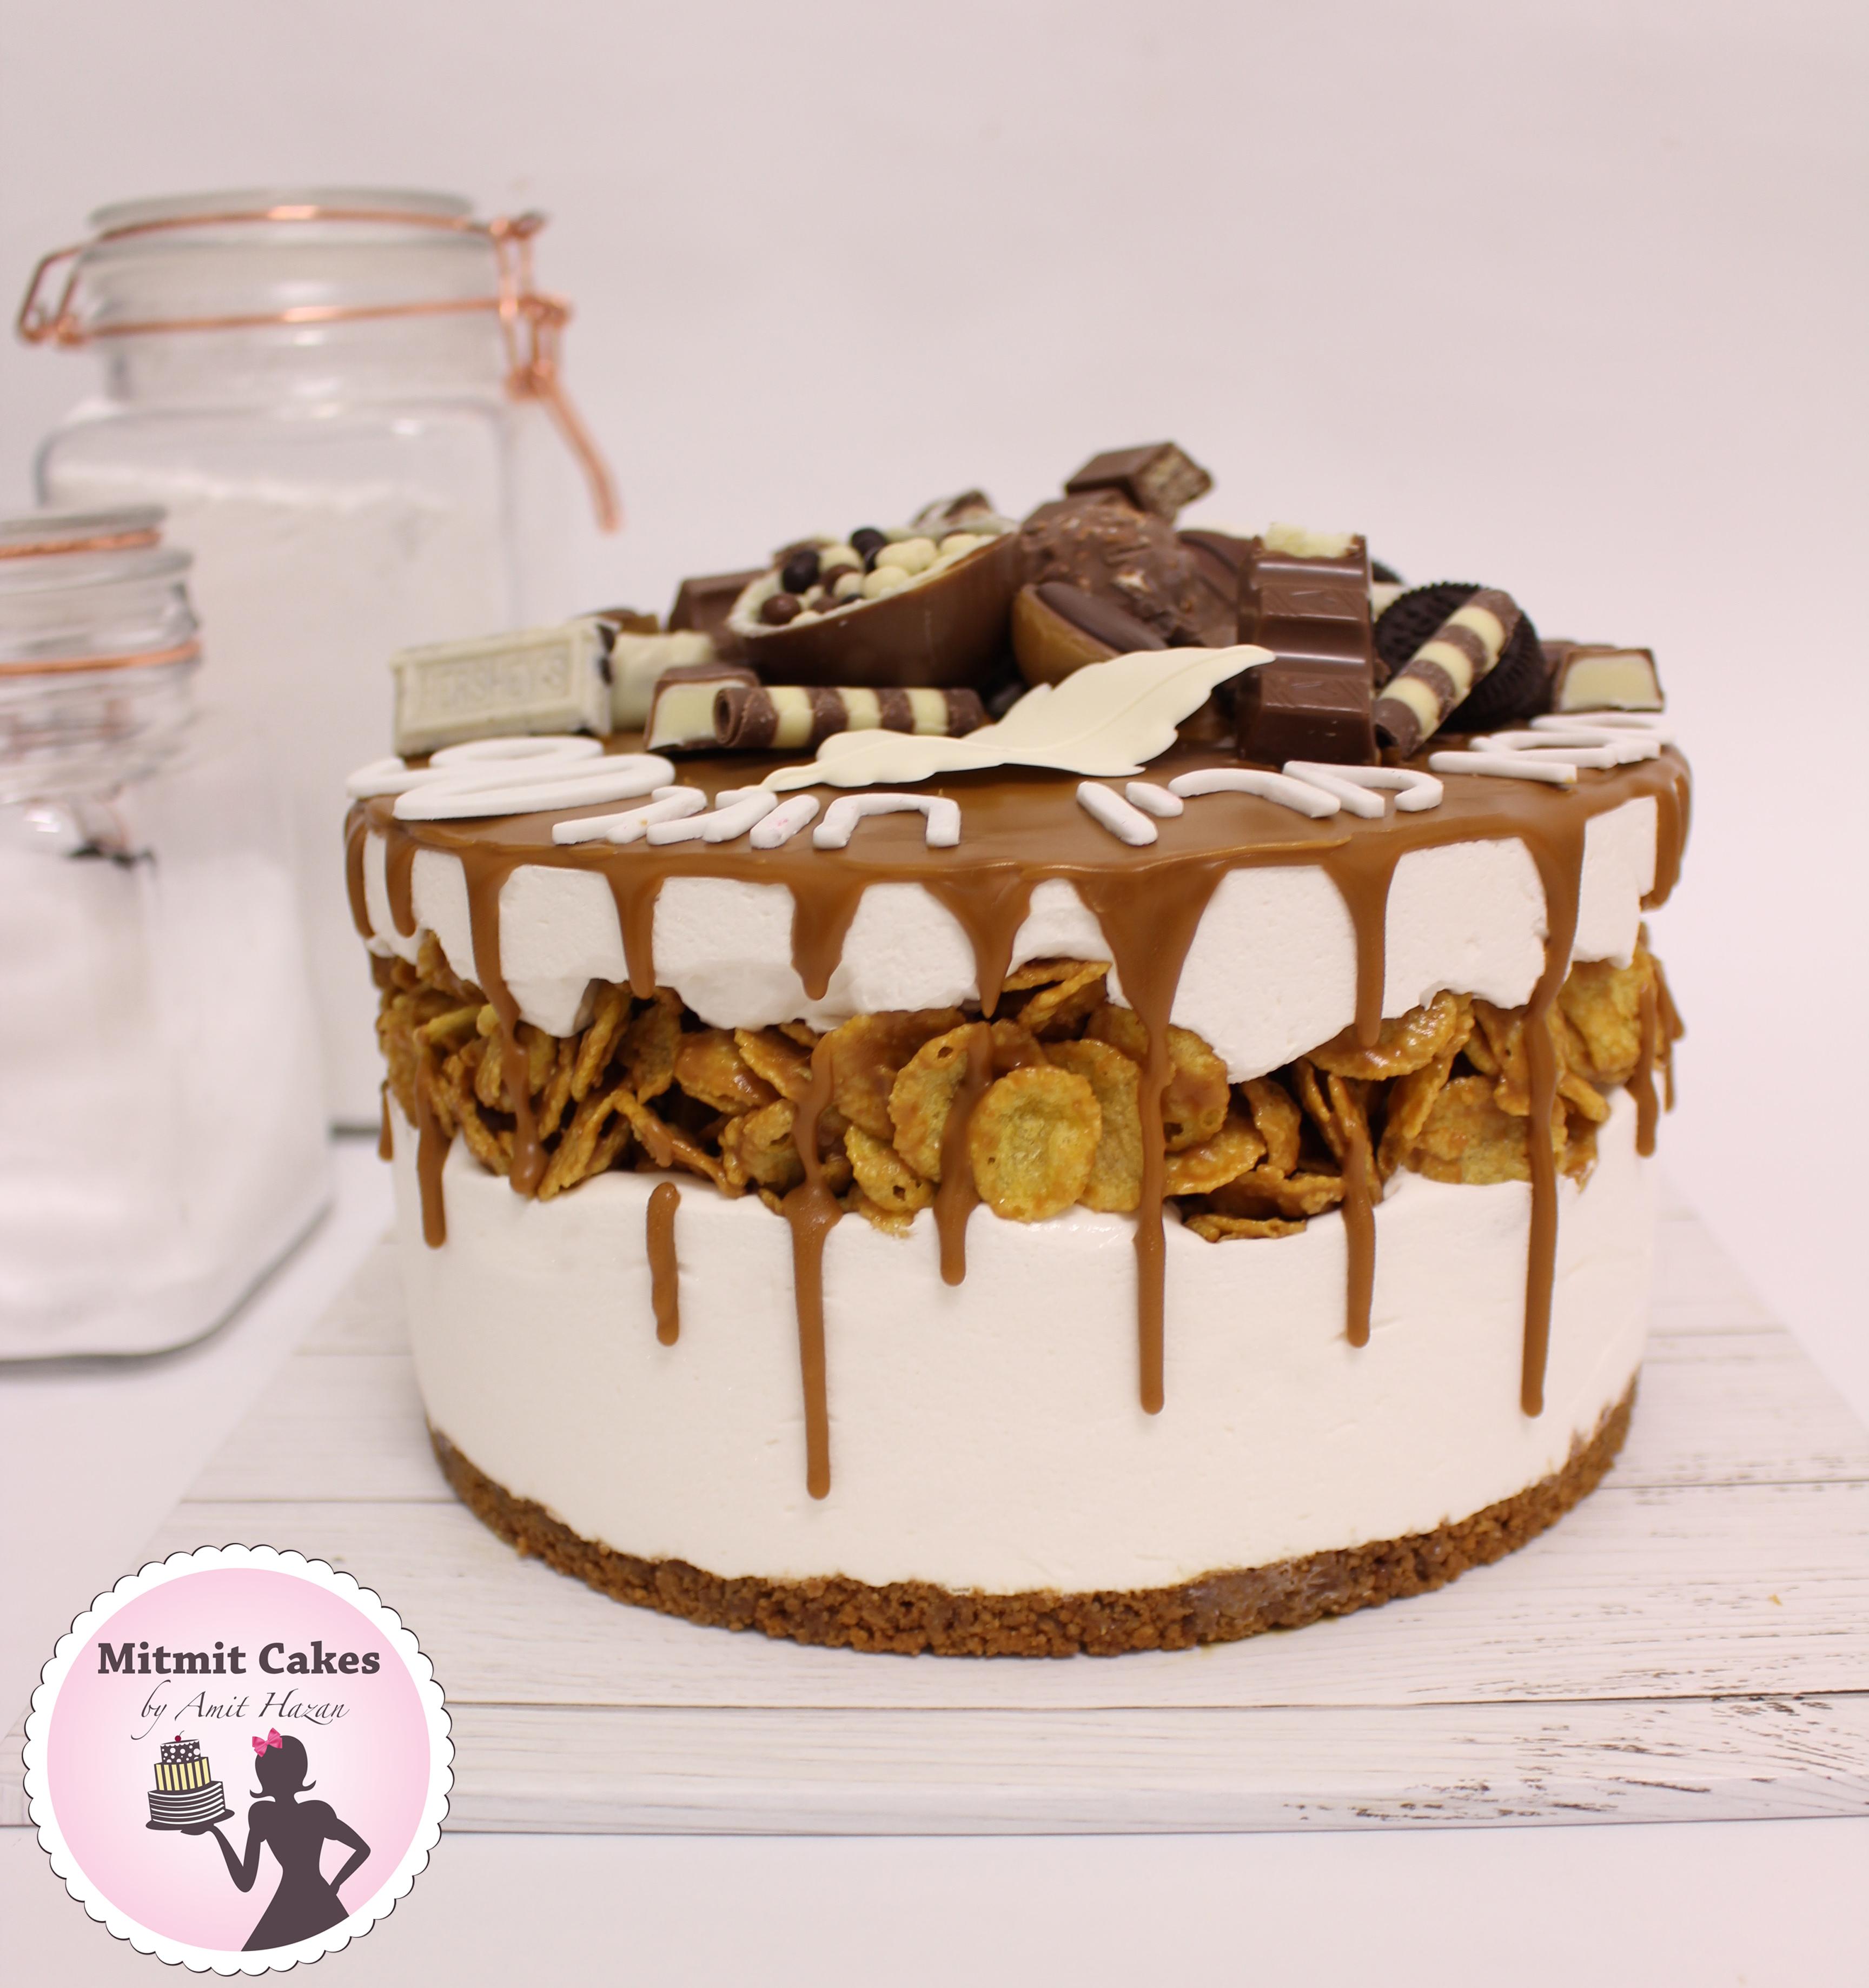 עוגת מוס שוקולד לבן ולוטוס